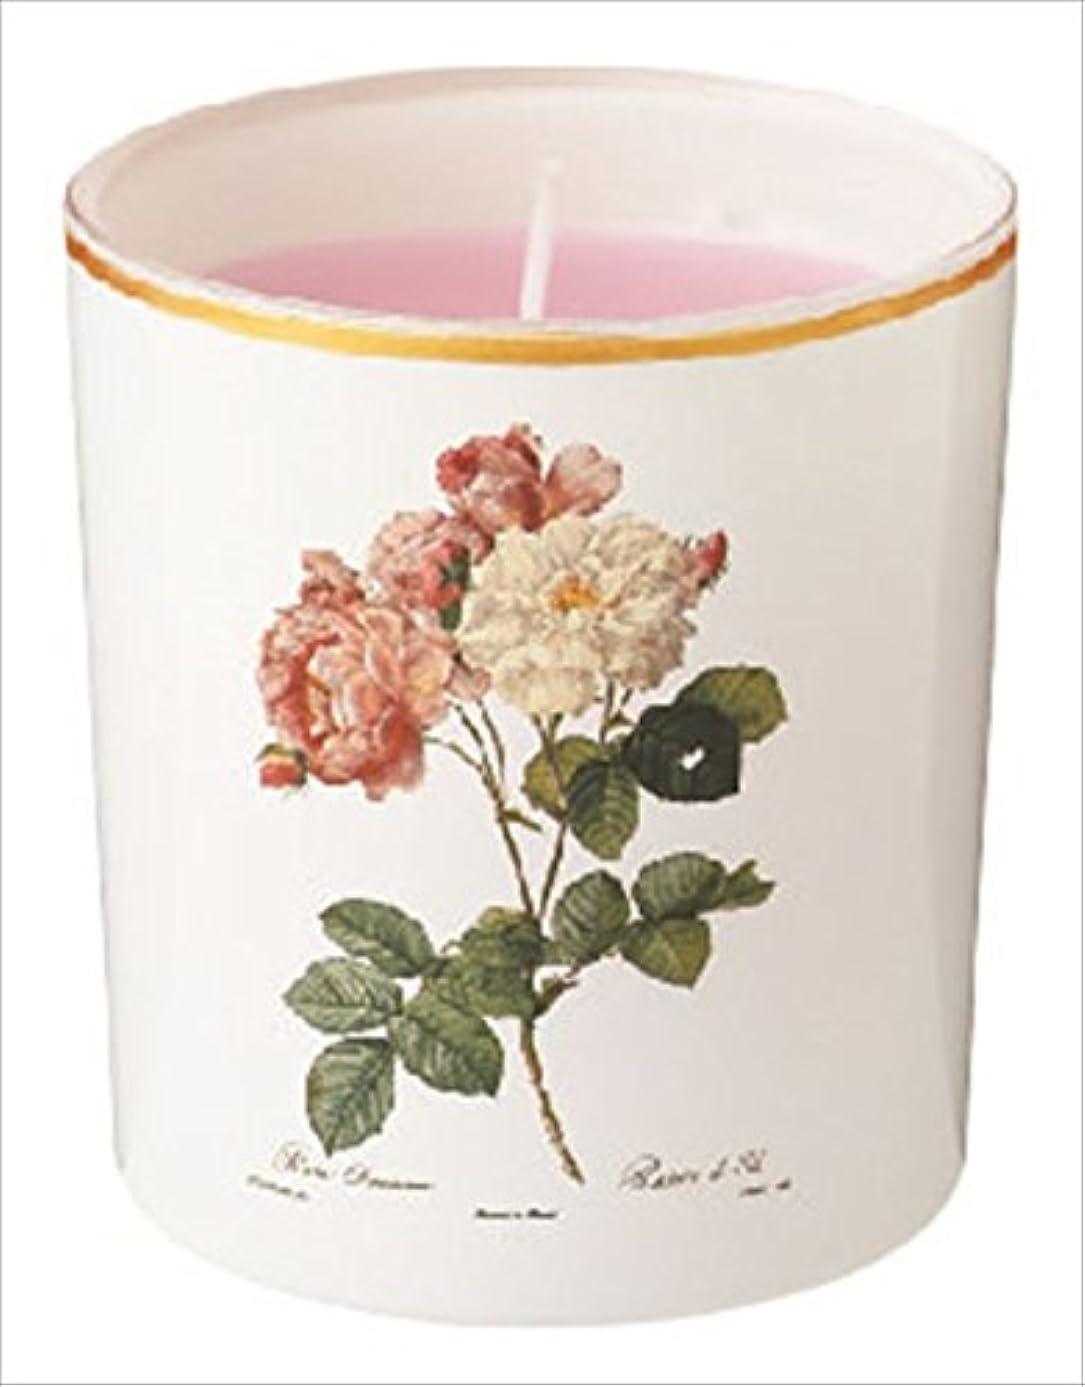 トン徹底的に会員カメヤマキャンドル(kameyama candle) ルドゥーテ グラスキャンドル 「 クラシックローズ 」